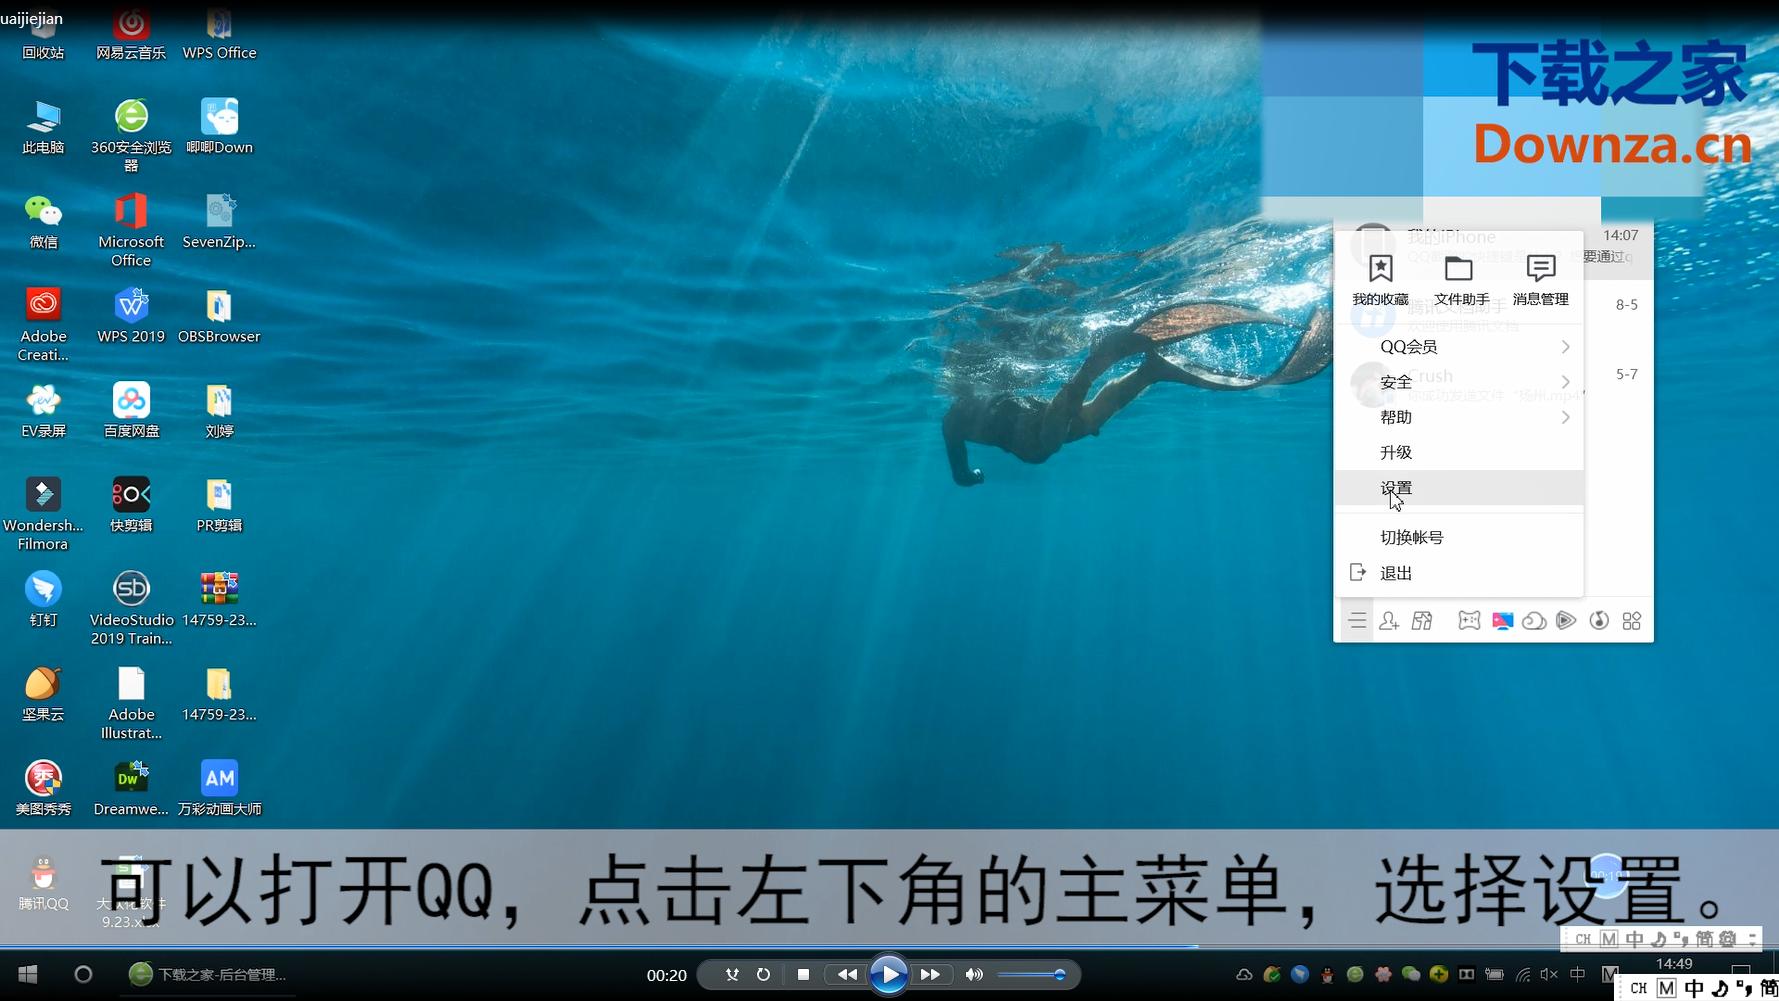 QQ截图快捷键是哪几个?QQ截图快捷键功能及用法介绍